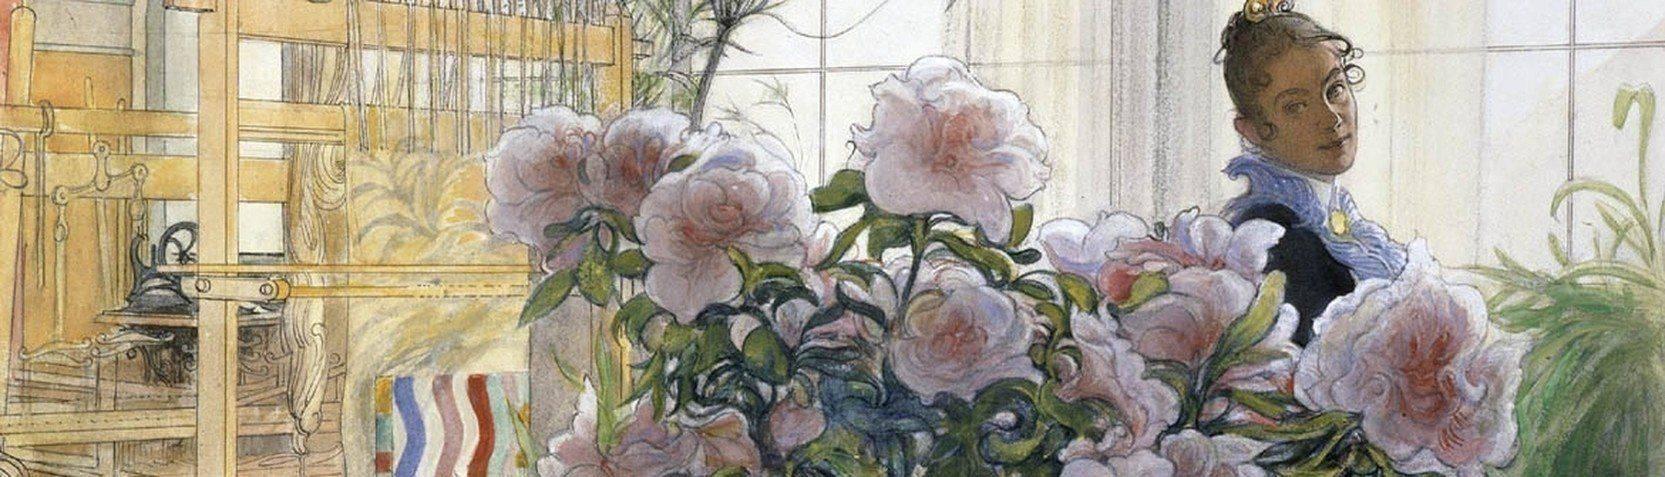 Artistas - Carl Larsson